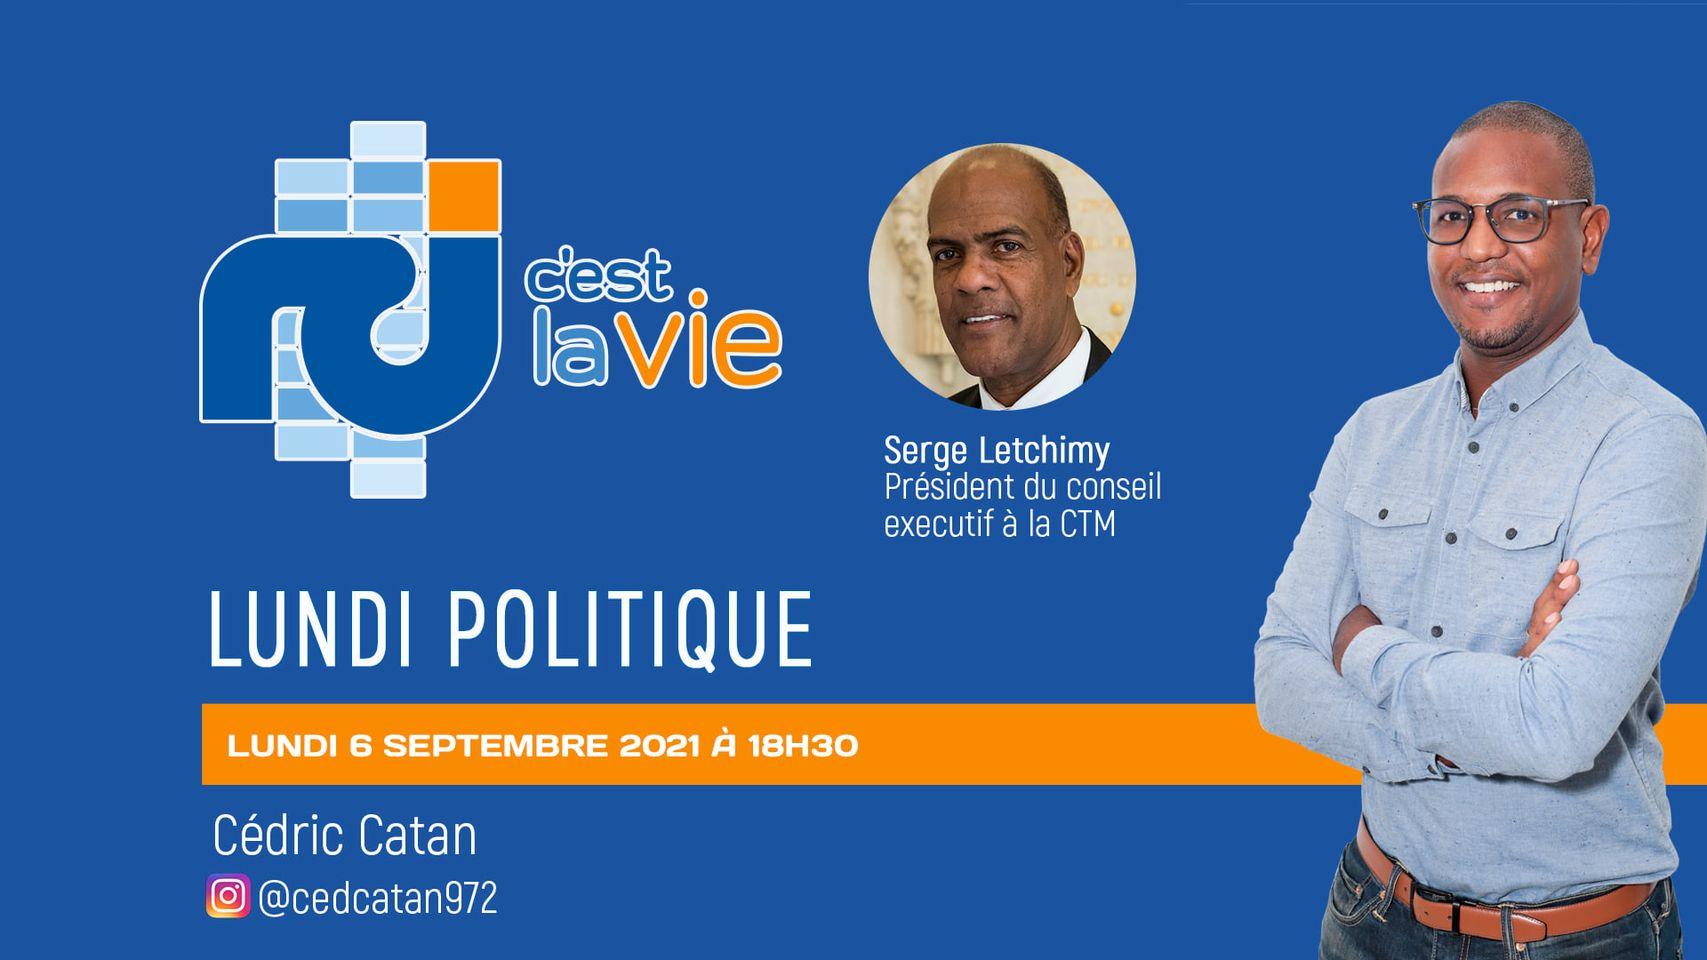 [VIDÉO] Serge Letchimy est l'invité de Cédric Catan dans Lundi Politique